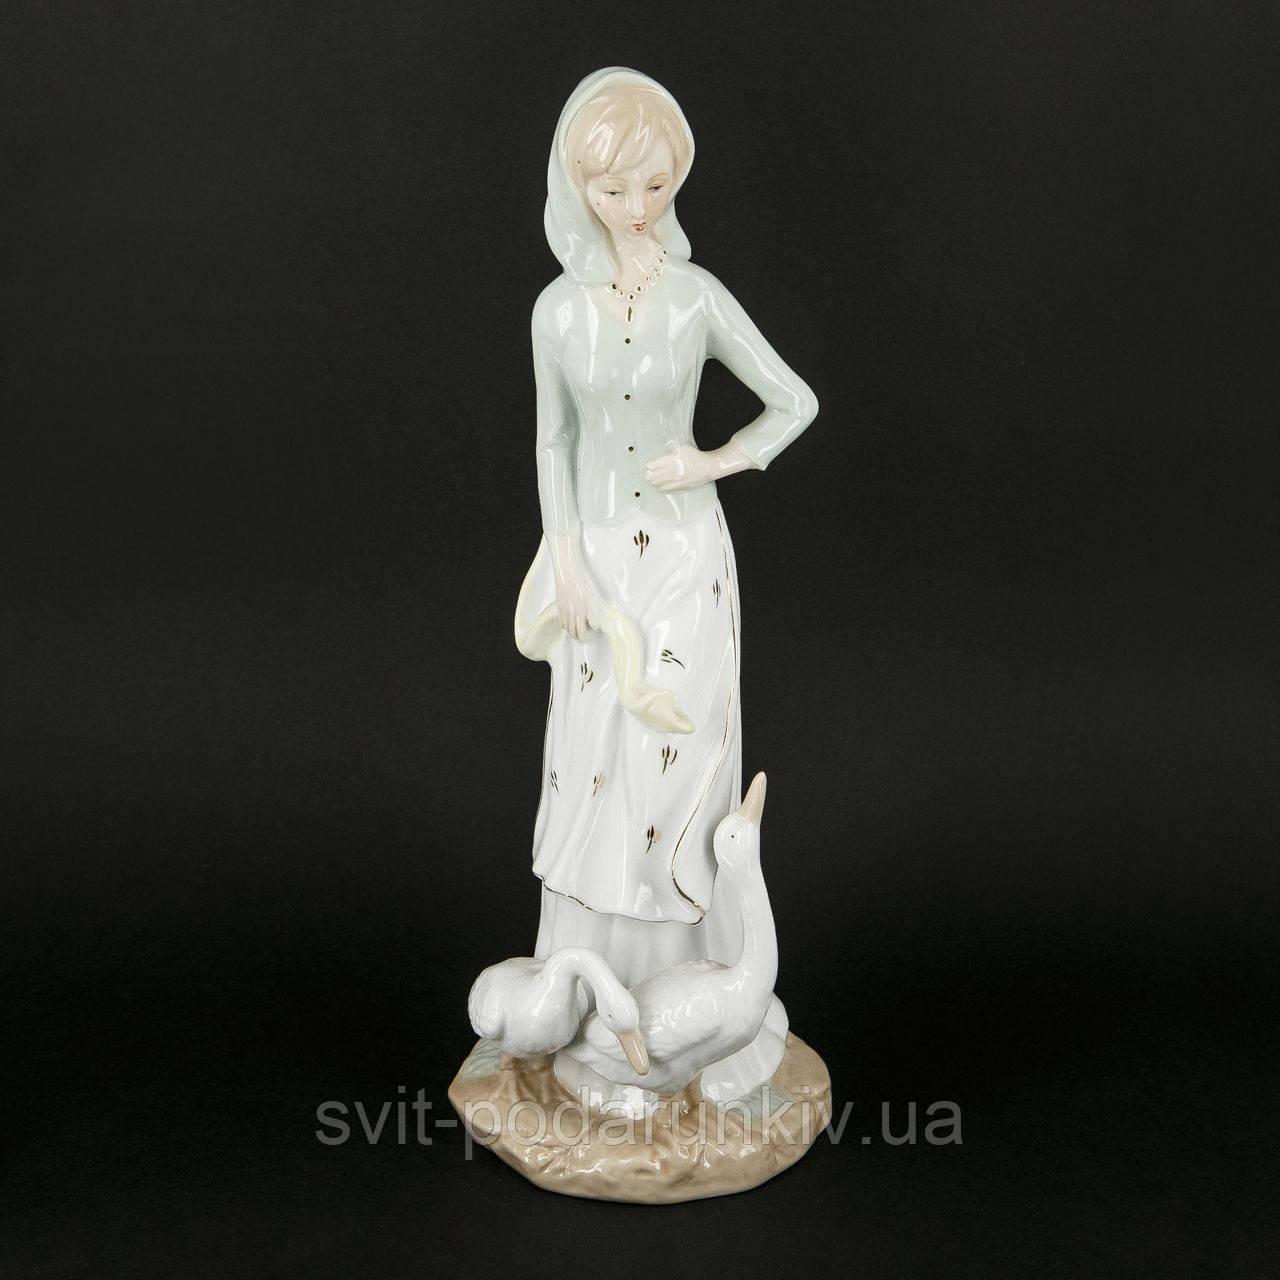 Статуэтка девочка с гусями в платочке 35 см S0006